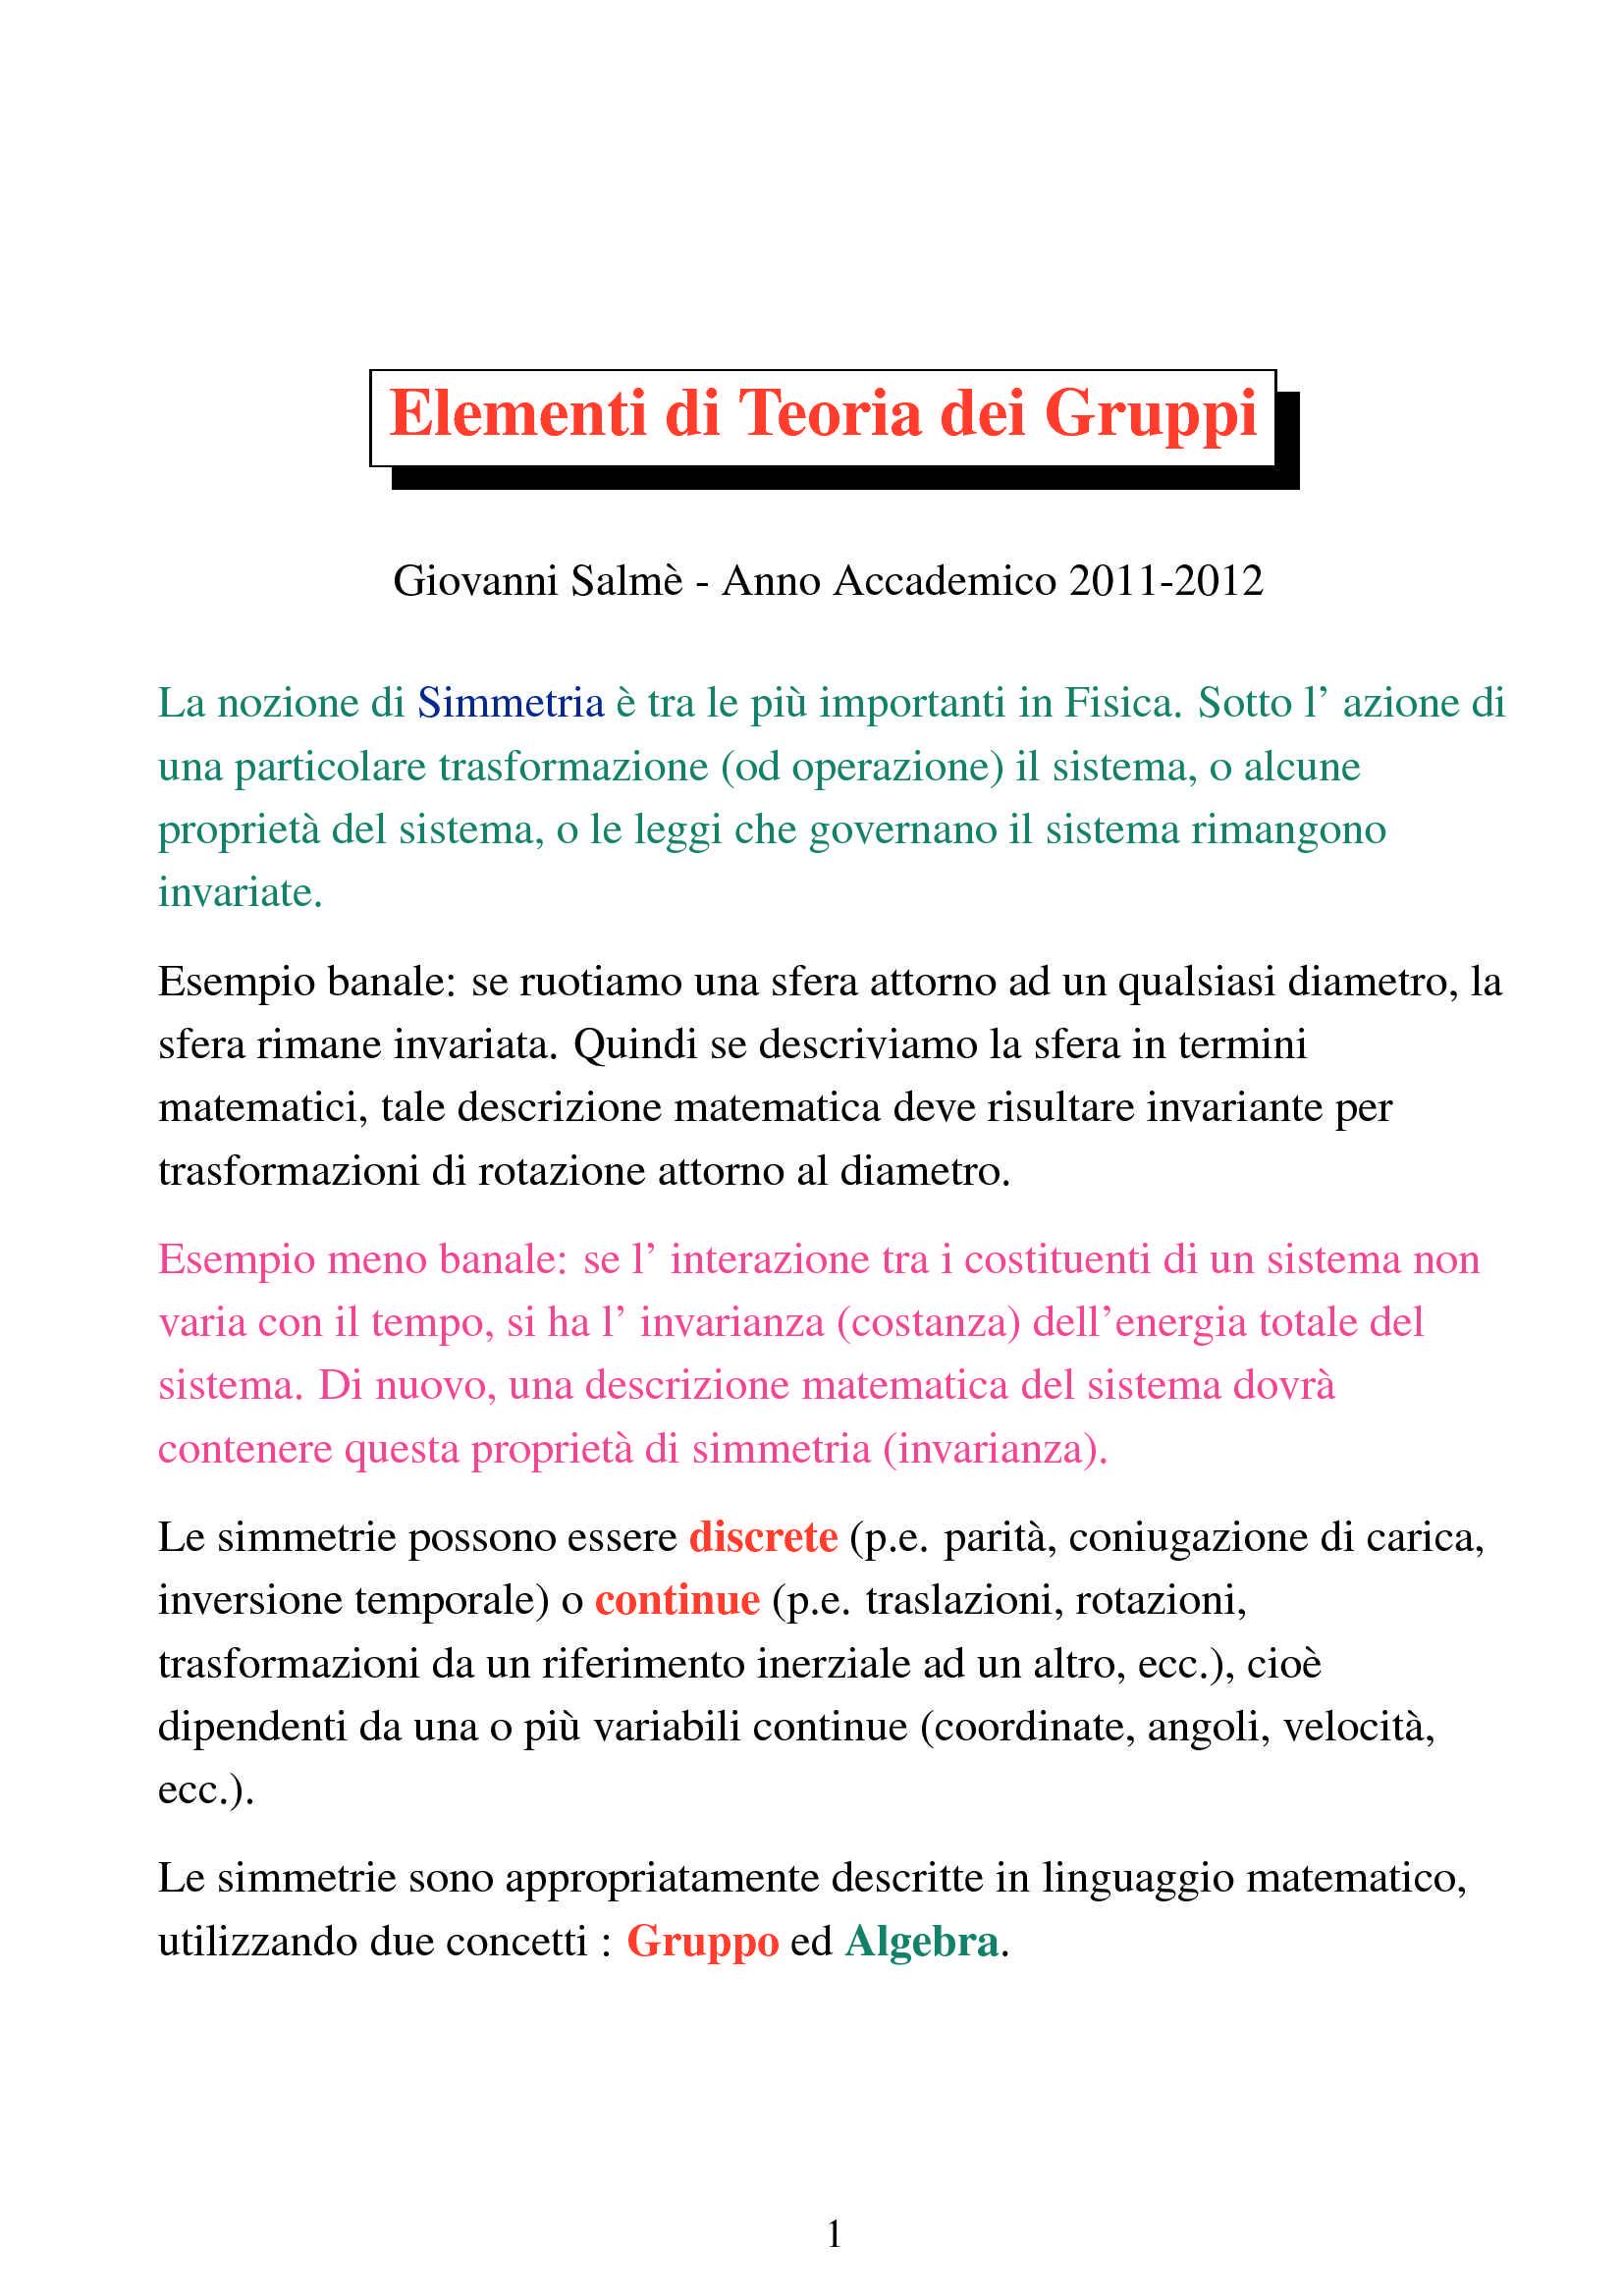 Teoria dei gruppi - Elementi